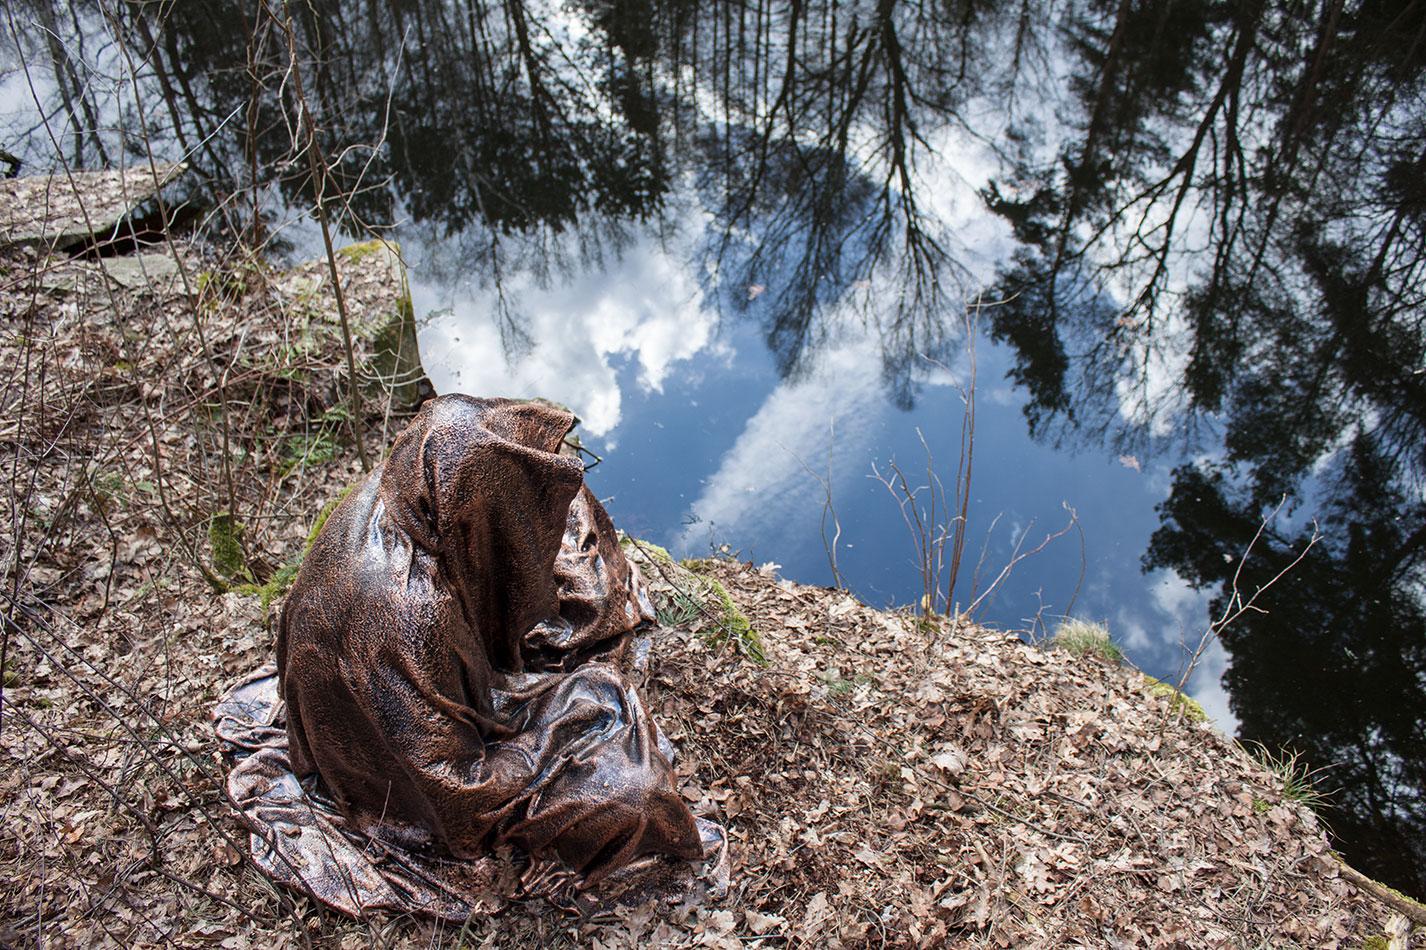 steinbruch-stone-querry-schrems-waldviertel-austria-water-reflection-guardians-of-time-manfred-kielnhofer-8531